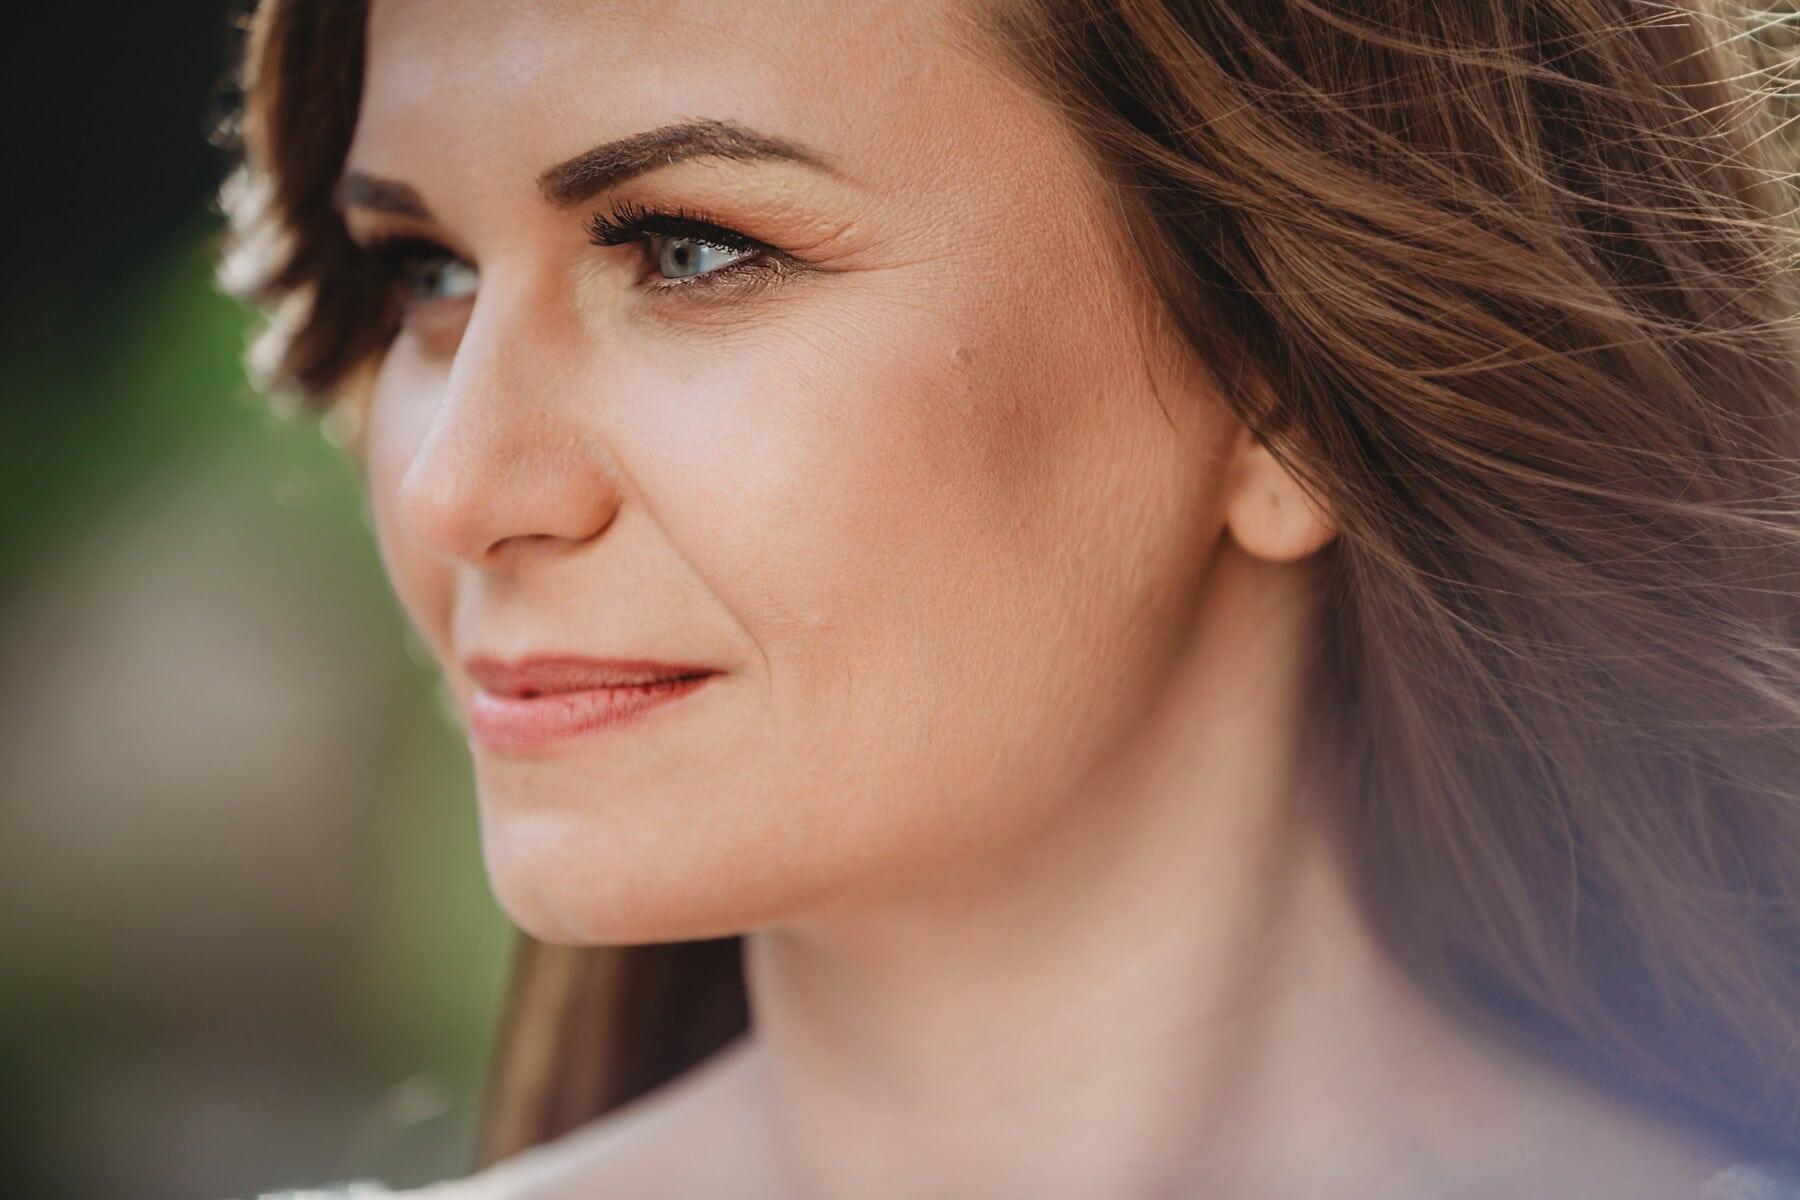 portrét, žena, zblízka, boční pohled, krásné, krk, rtěnka, oči, rty, kůže